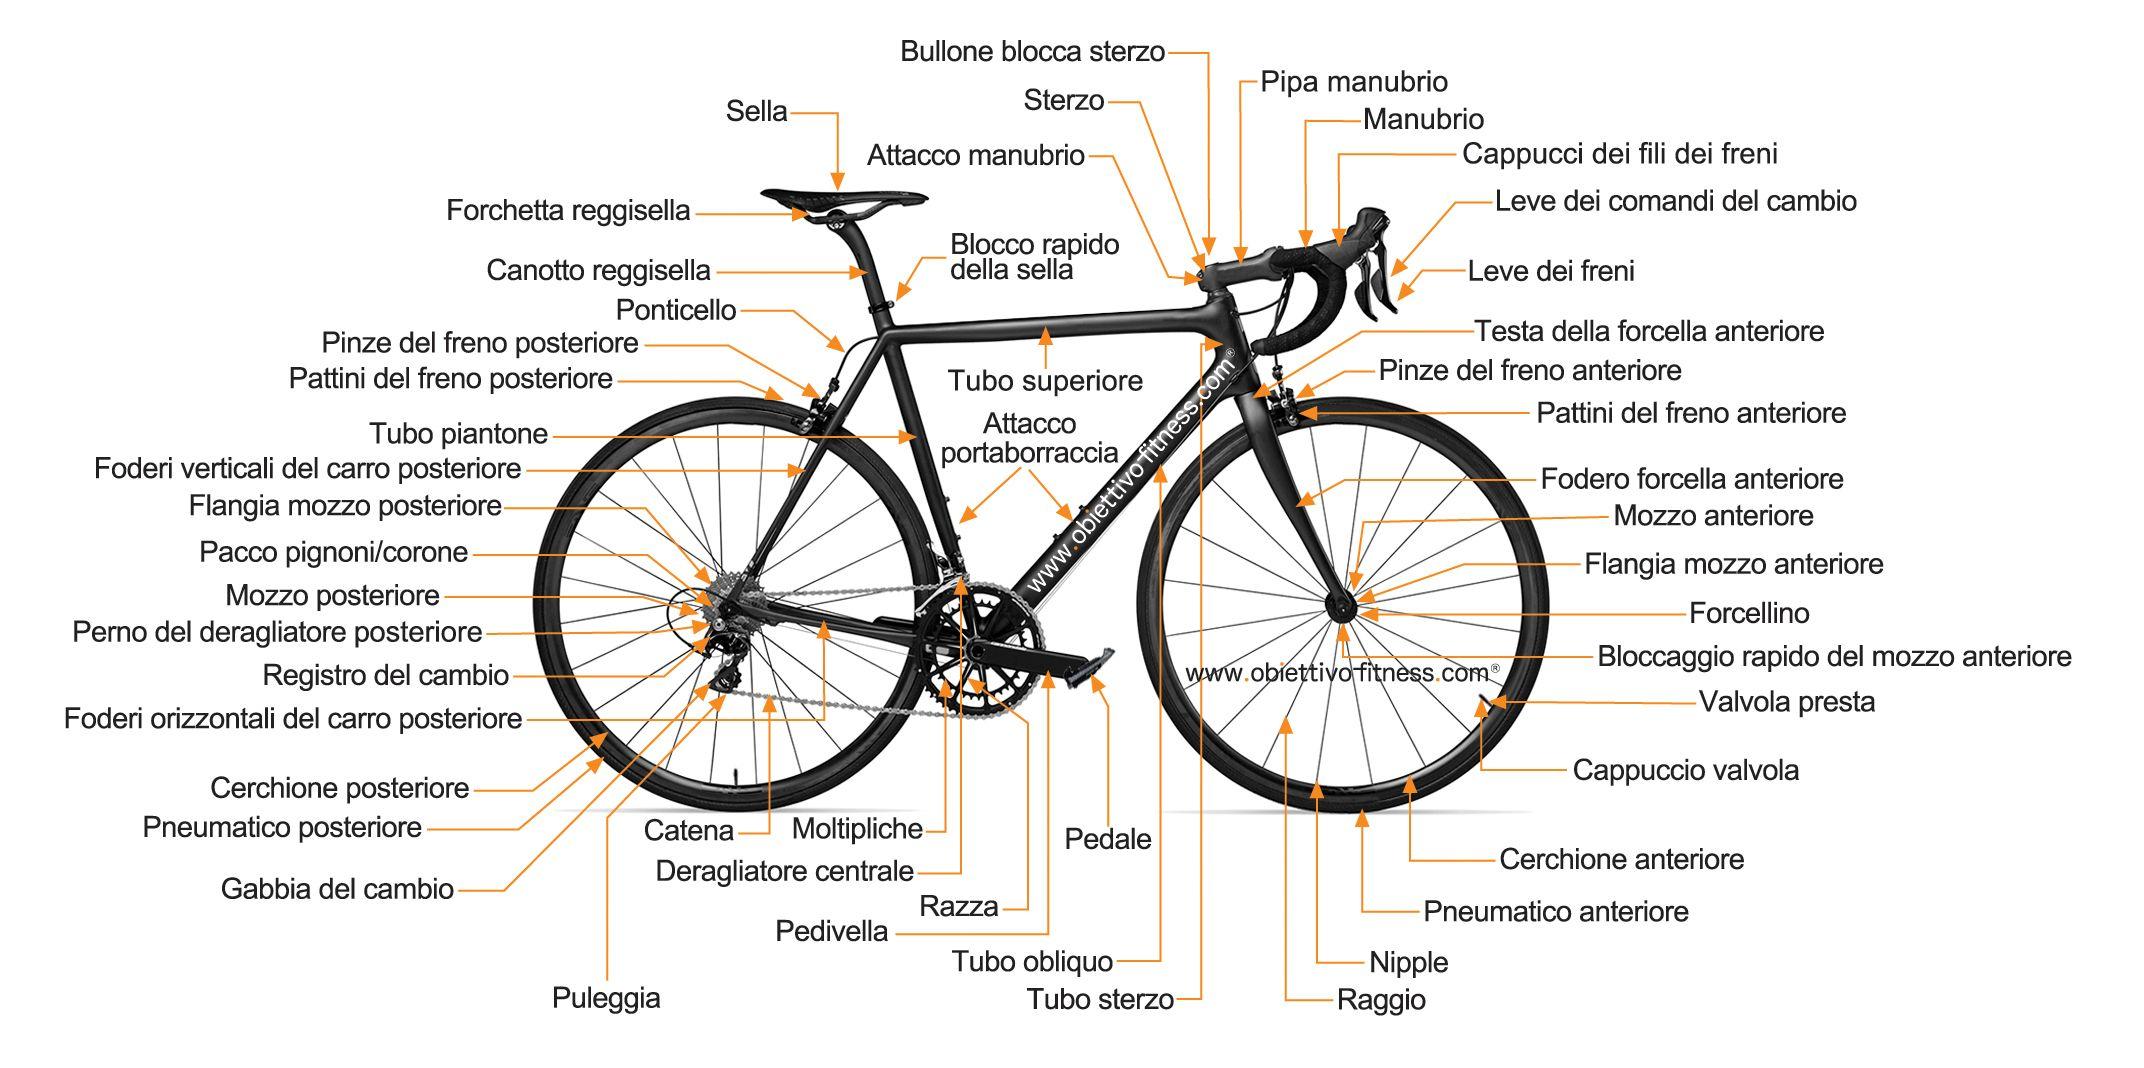 Come attivare lo sblocco modifica bici elettrica bosch for Una planimetria della cabina del telaio